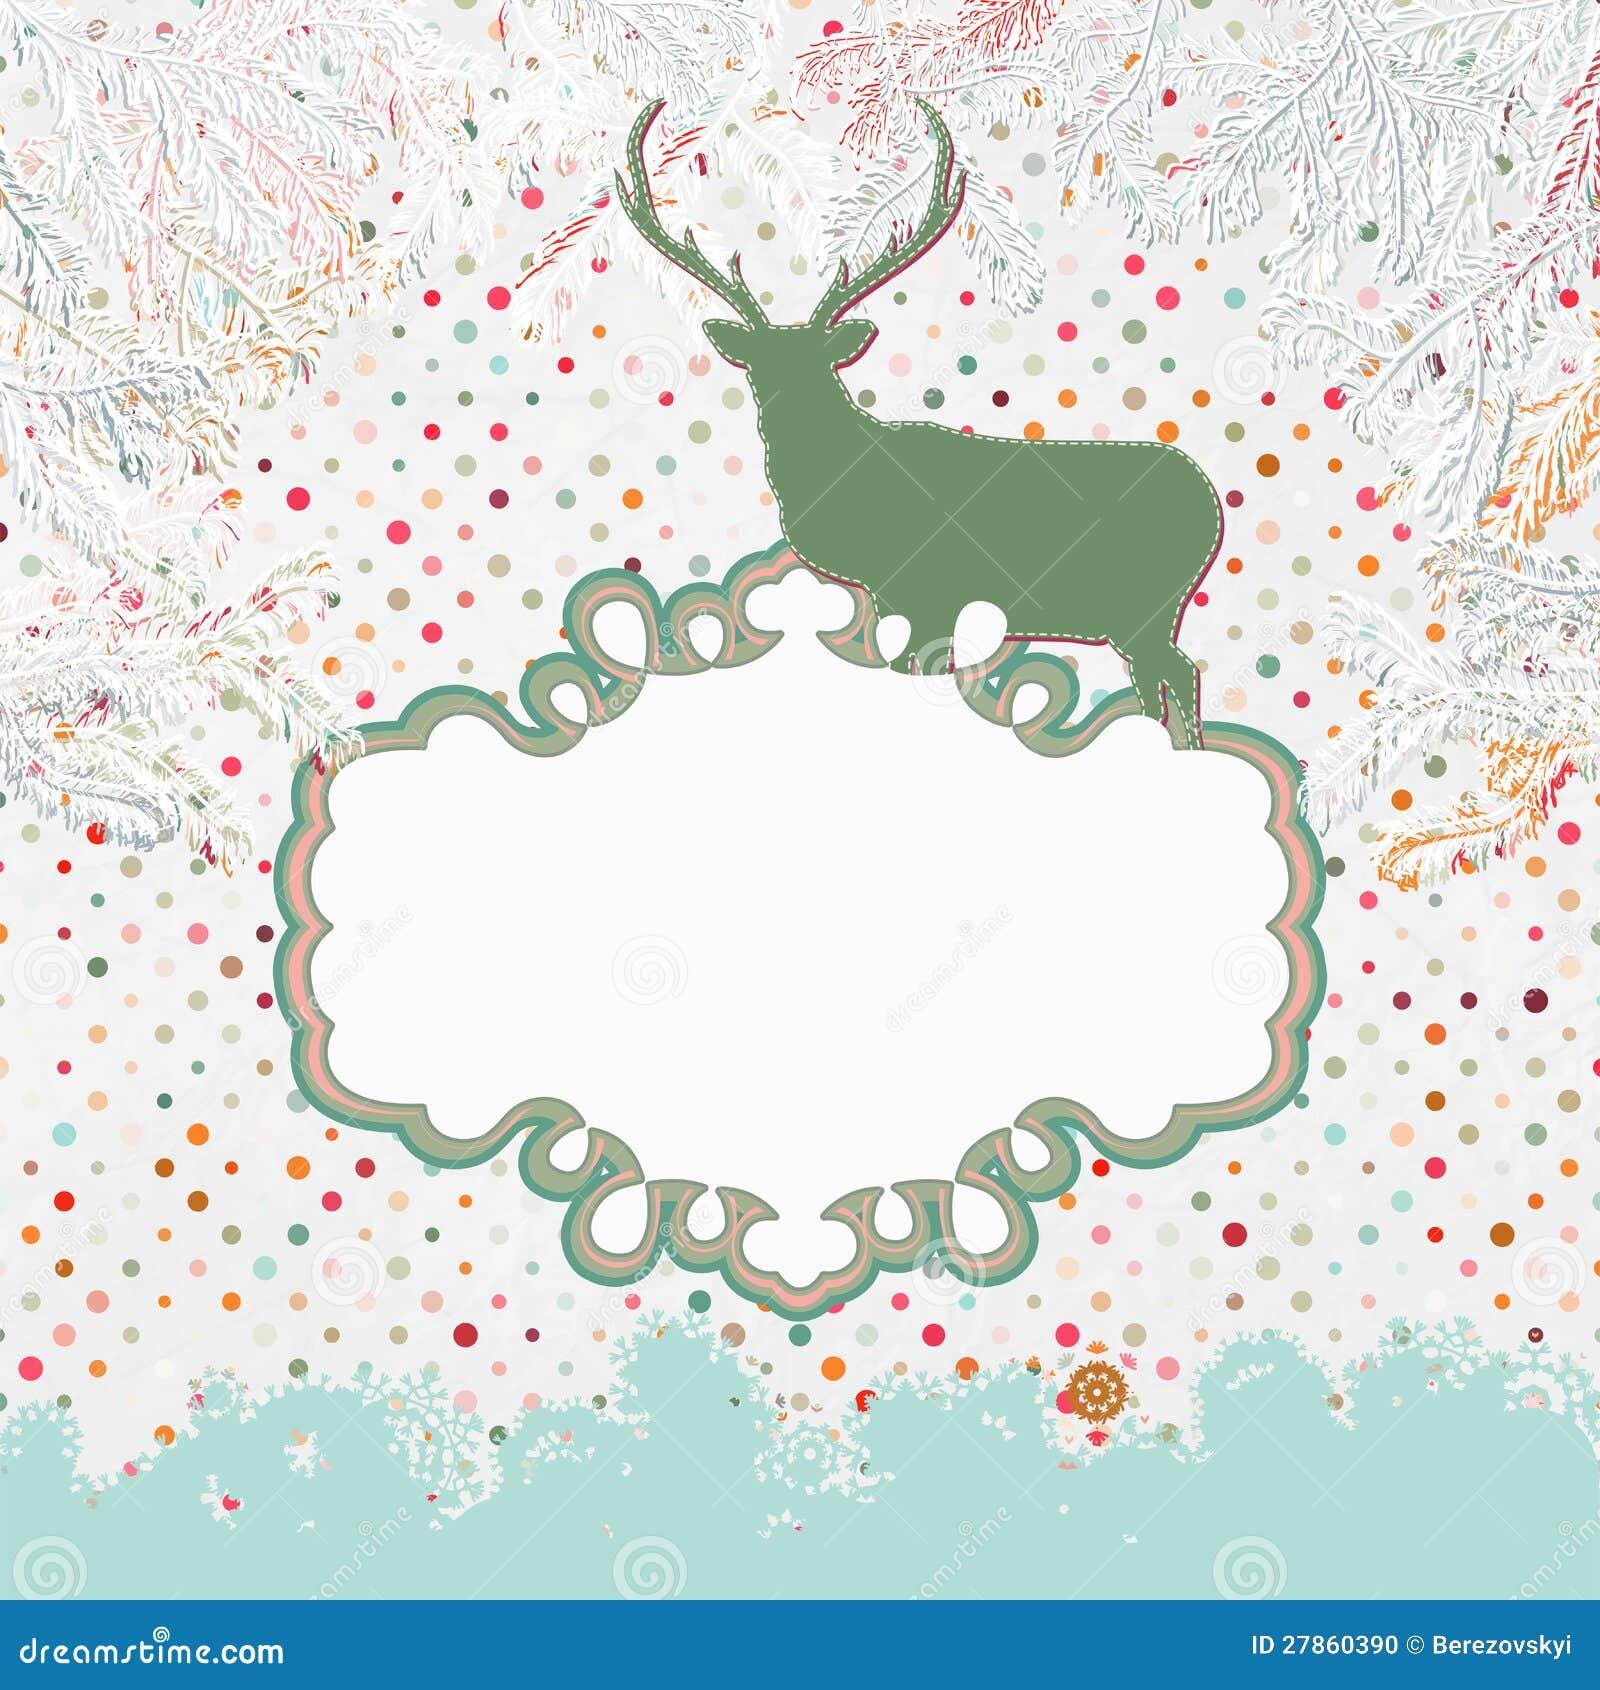 Kartka bożonarodzeniowa z rogaczem. EPS 8